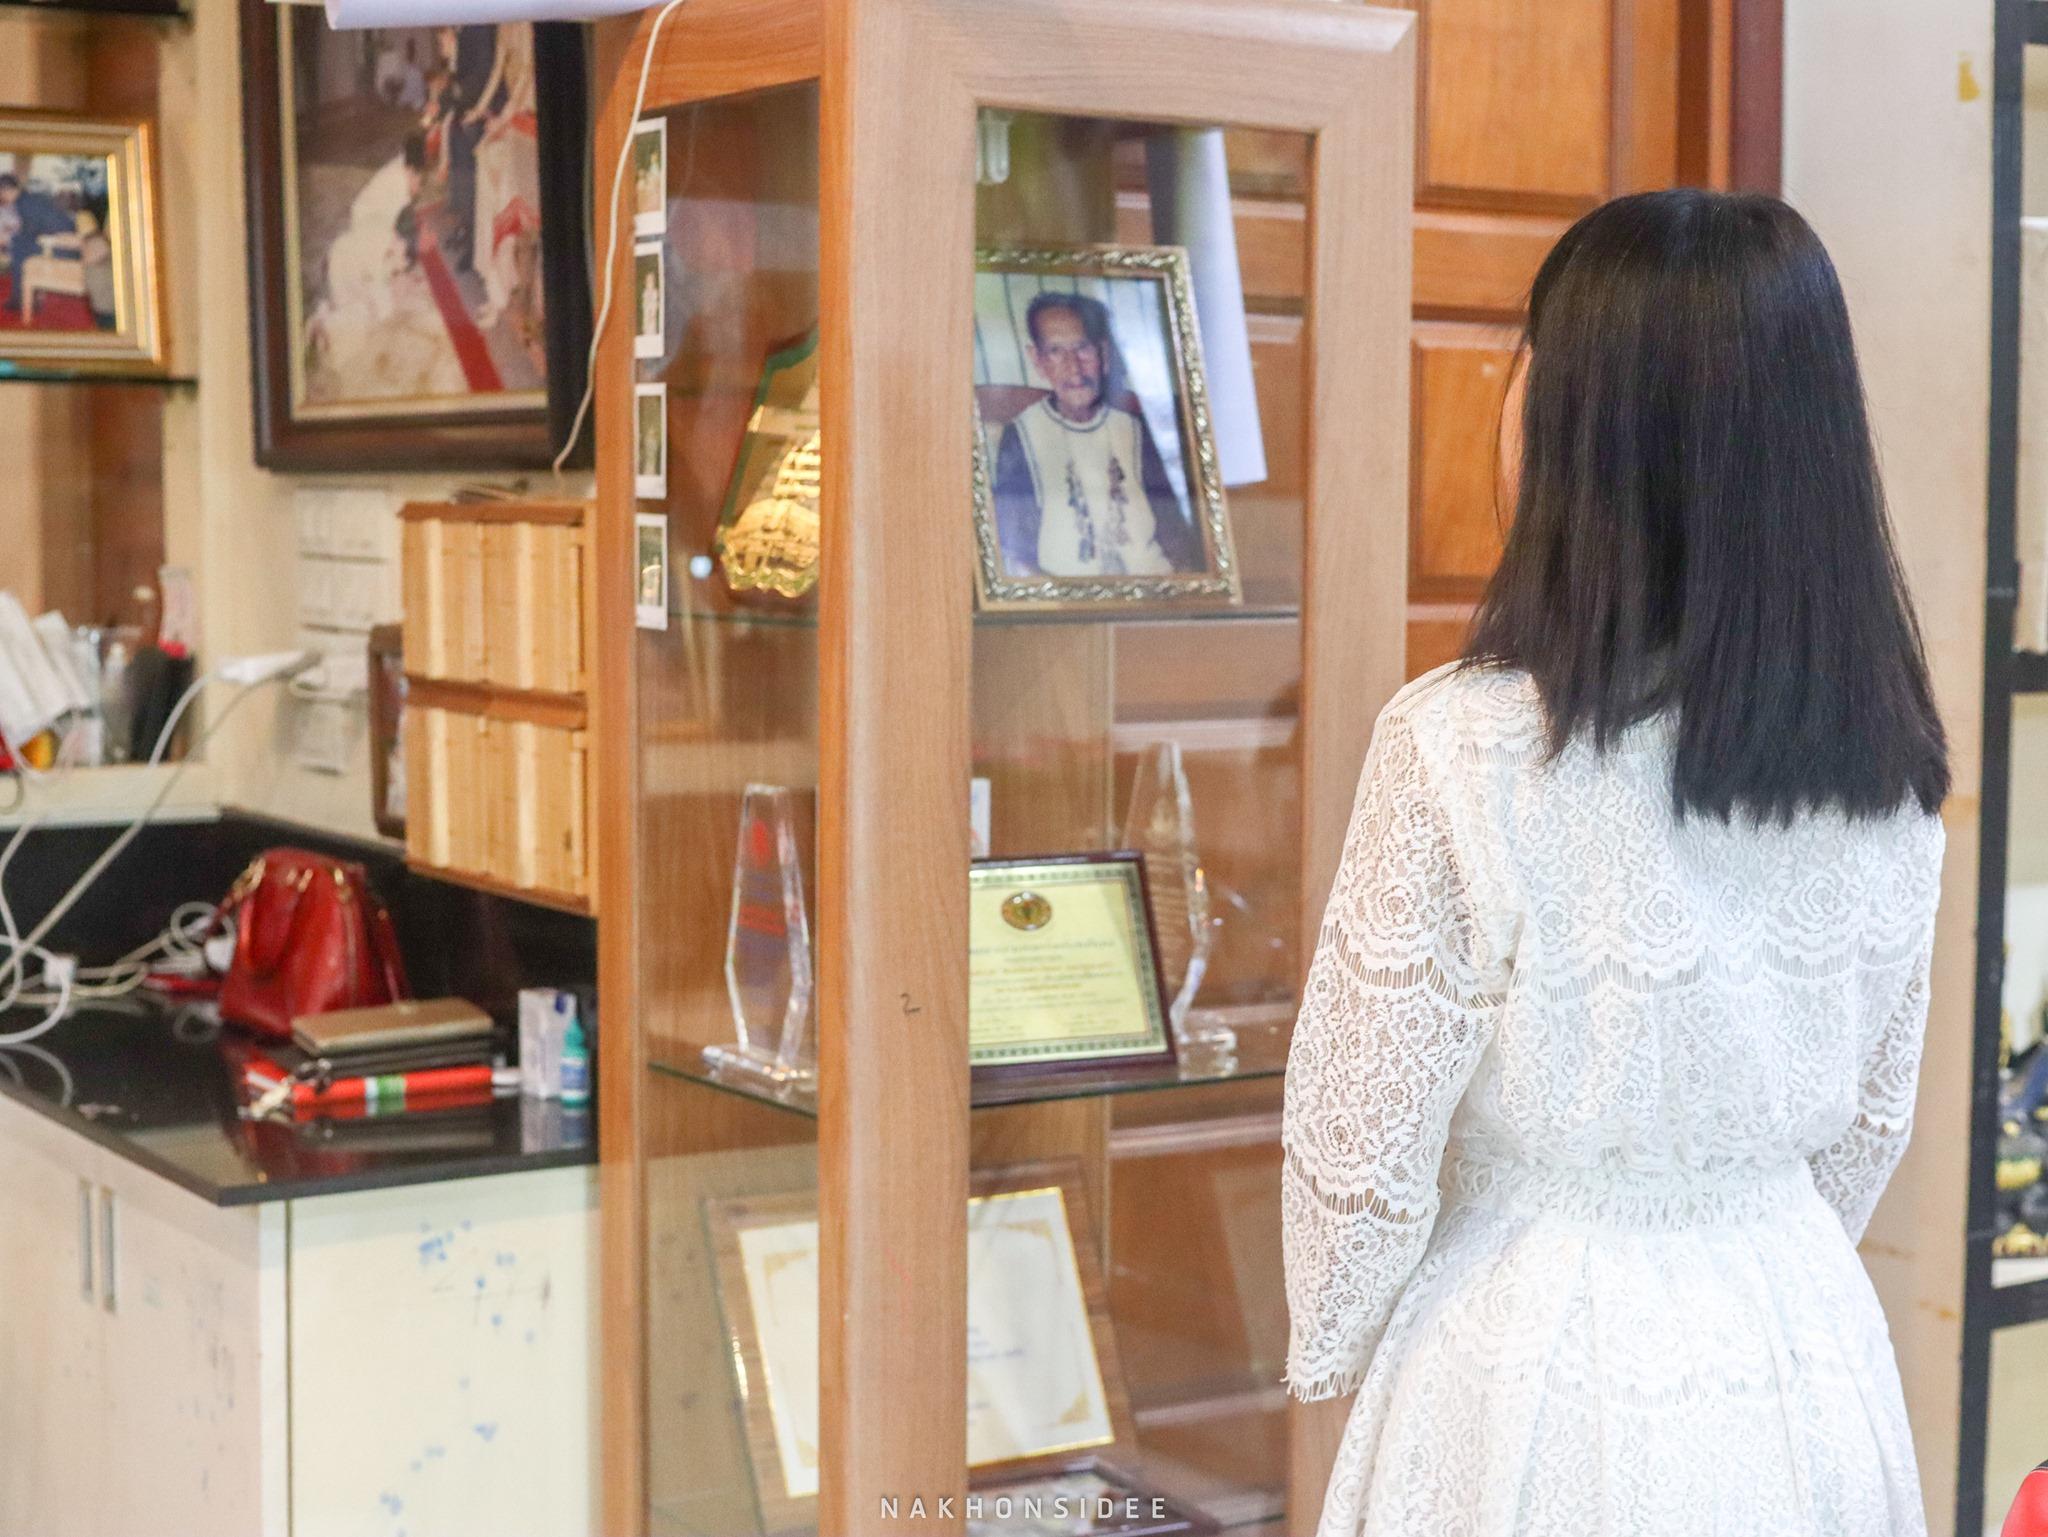 ภายในบ้าน-มีรูปและผลงานของท่านให้ศึกษามากมาย บ้านขุนพันธ์,สายมู,สายบุญ,นครศรีธรรมราช,ขุนพันธรักษ์ราชเดช